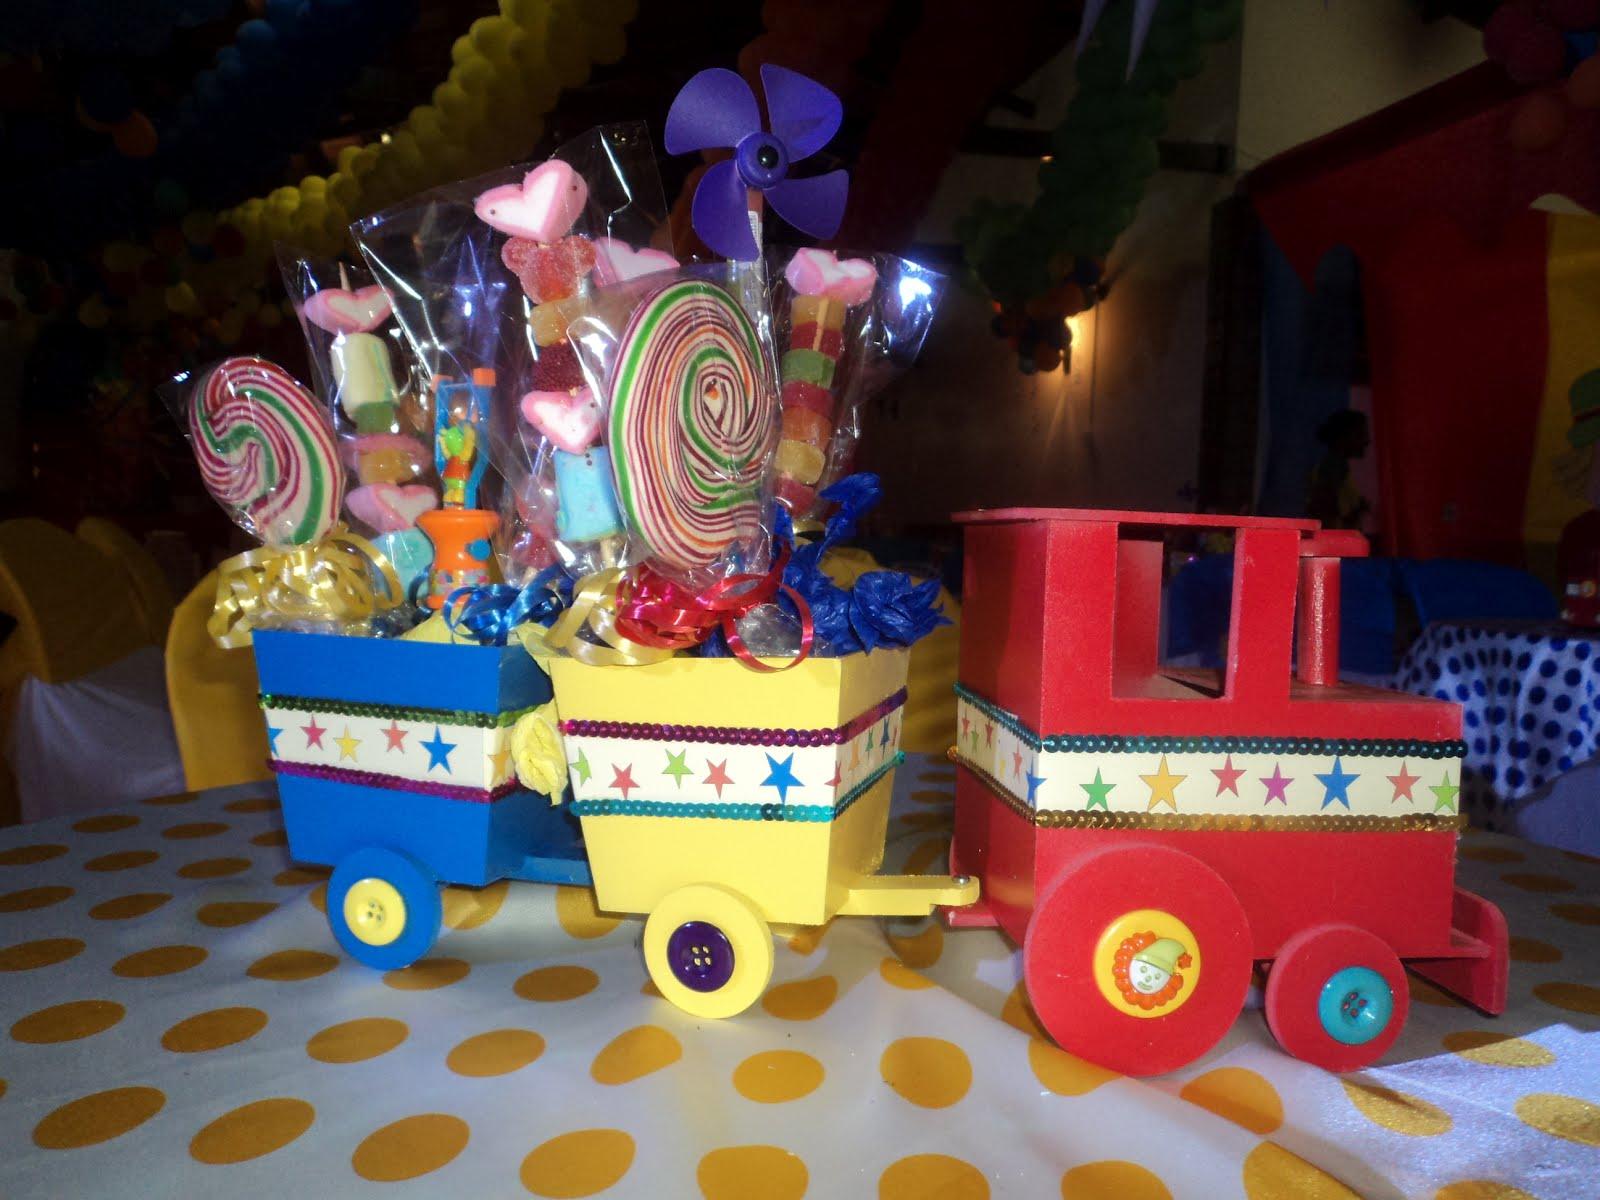 Atelier Artes da Vovó: Enfeite de mesa festa circo #AA212B 1600x1200